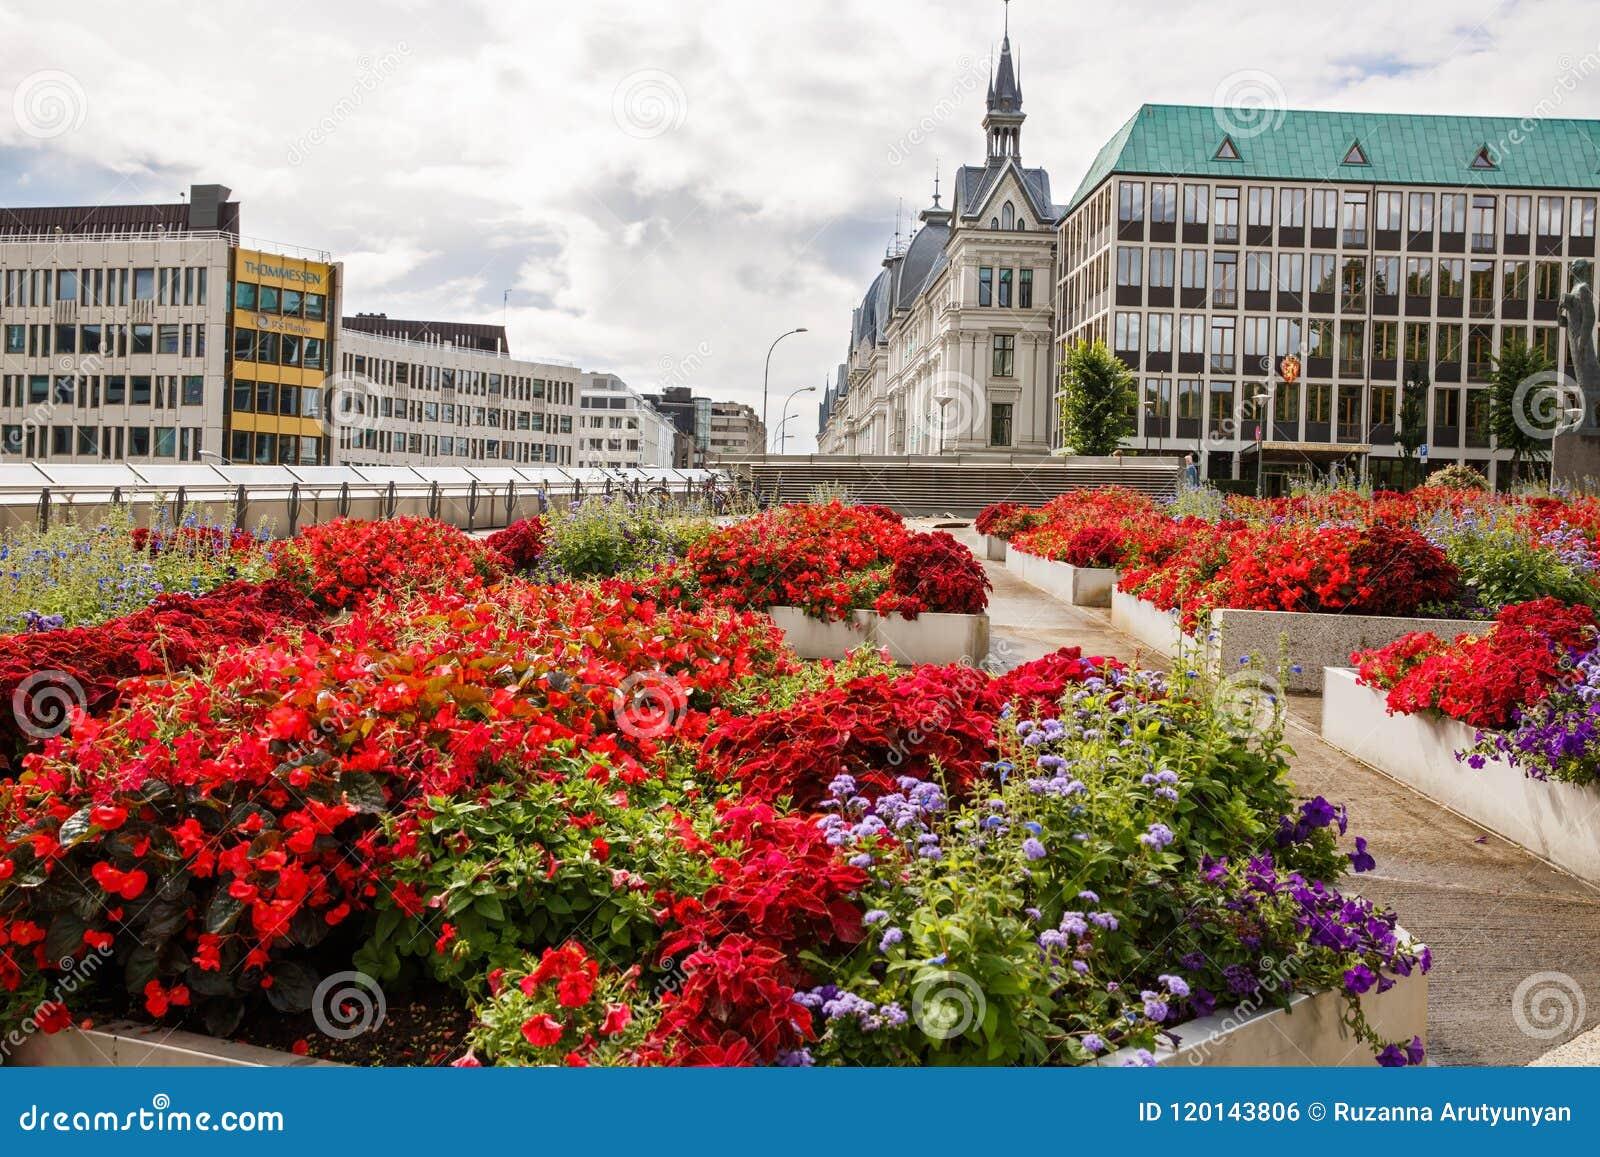 Oslo ist ein Stadtbezirk, sowie das Kapital und die meiste dicht besiedelte Stadt in Norwegen